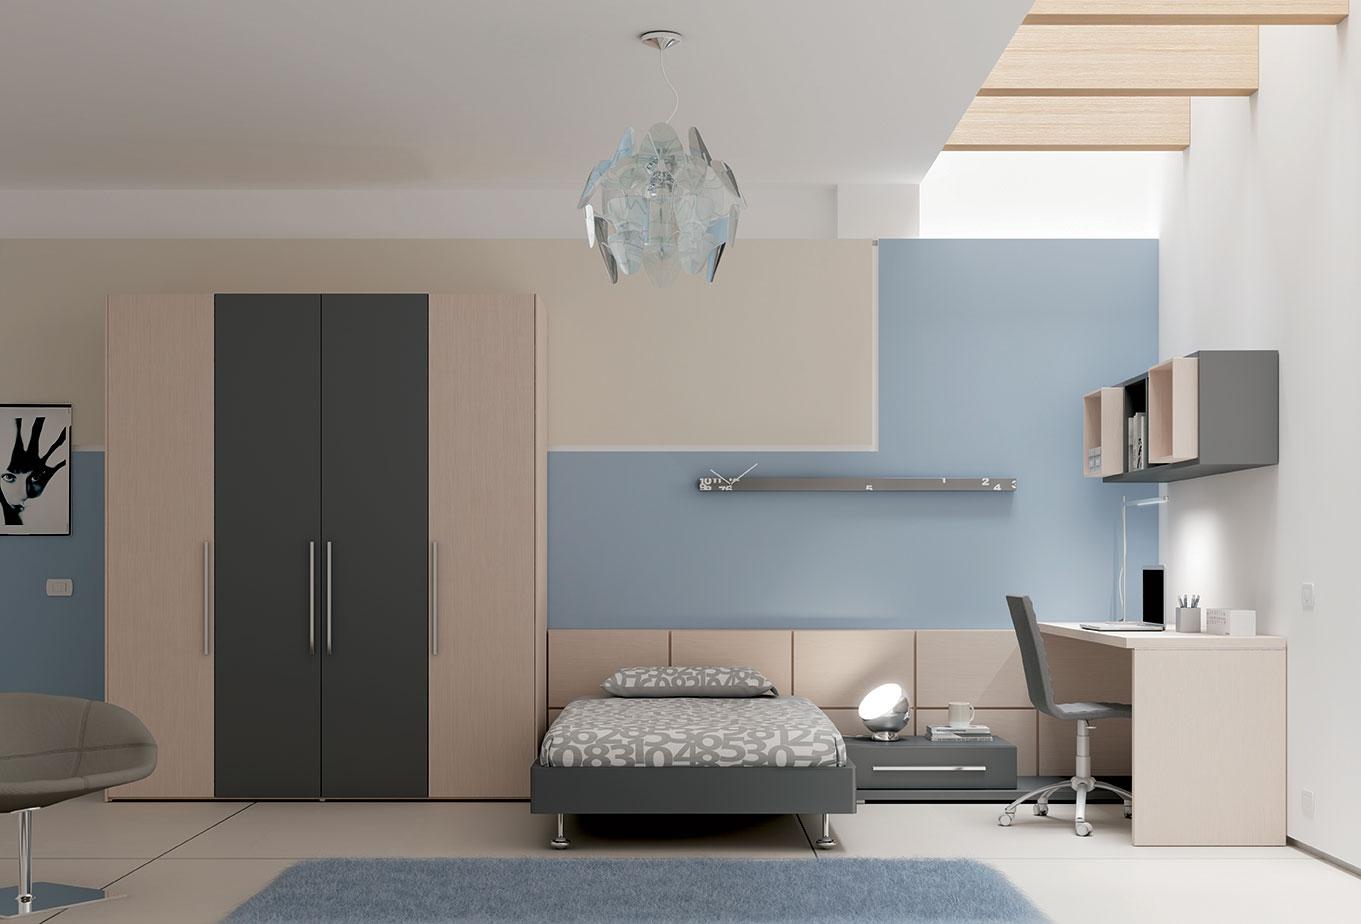 Chambre complète épurée avec tête lit ado   moretti compact   so nuit